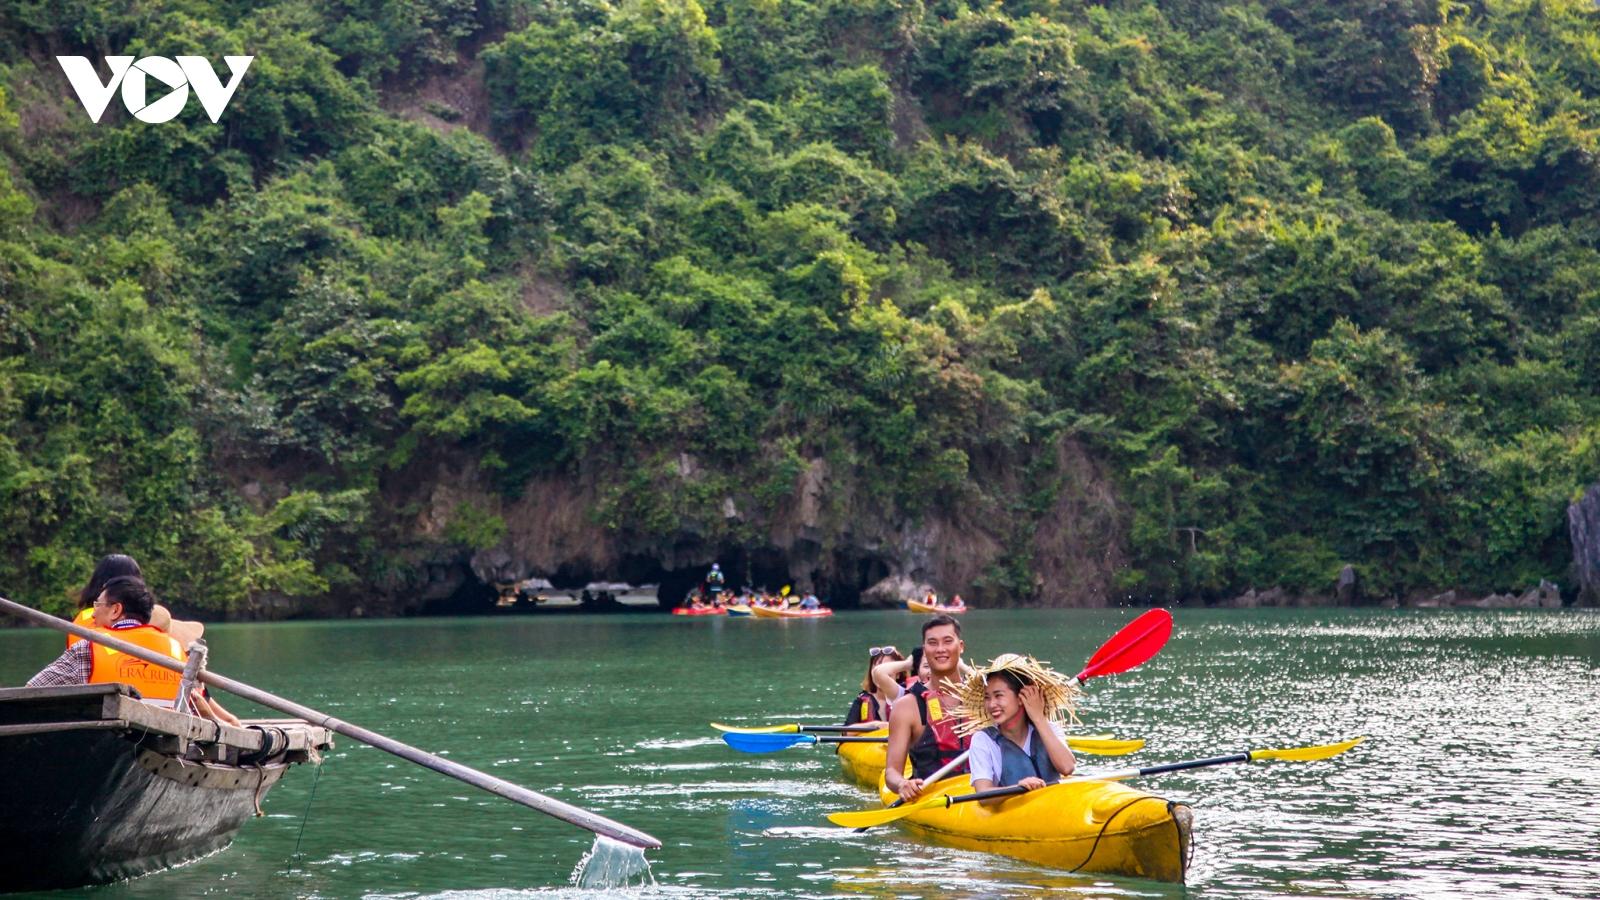 Doanh nghiệp đồng loạt kiến nghị giảm phí du thuyền ngủ đêm trên vịnh Lan Hạ